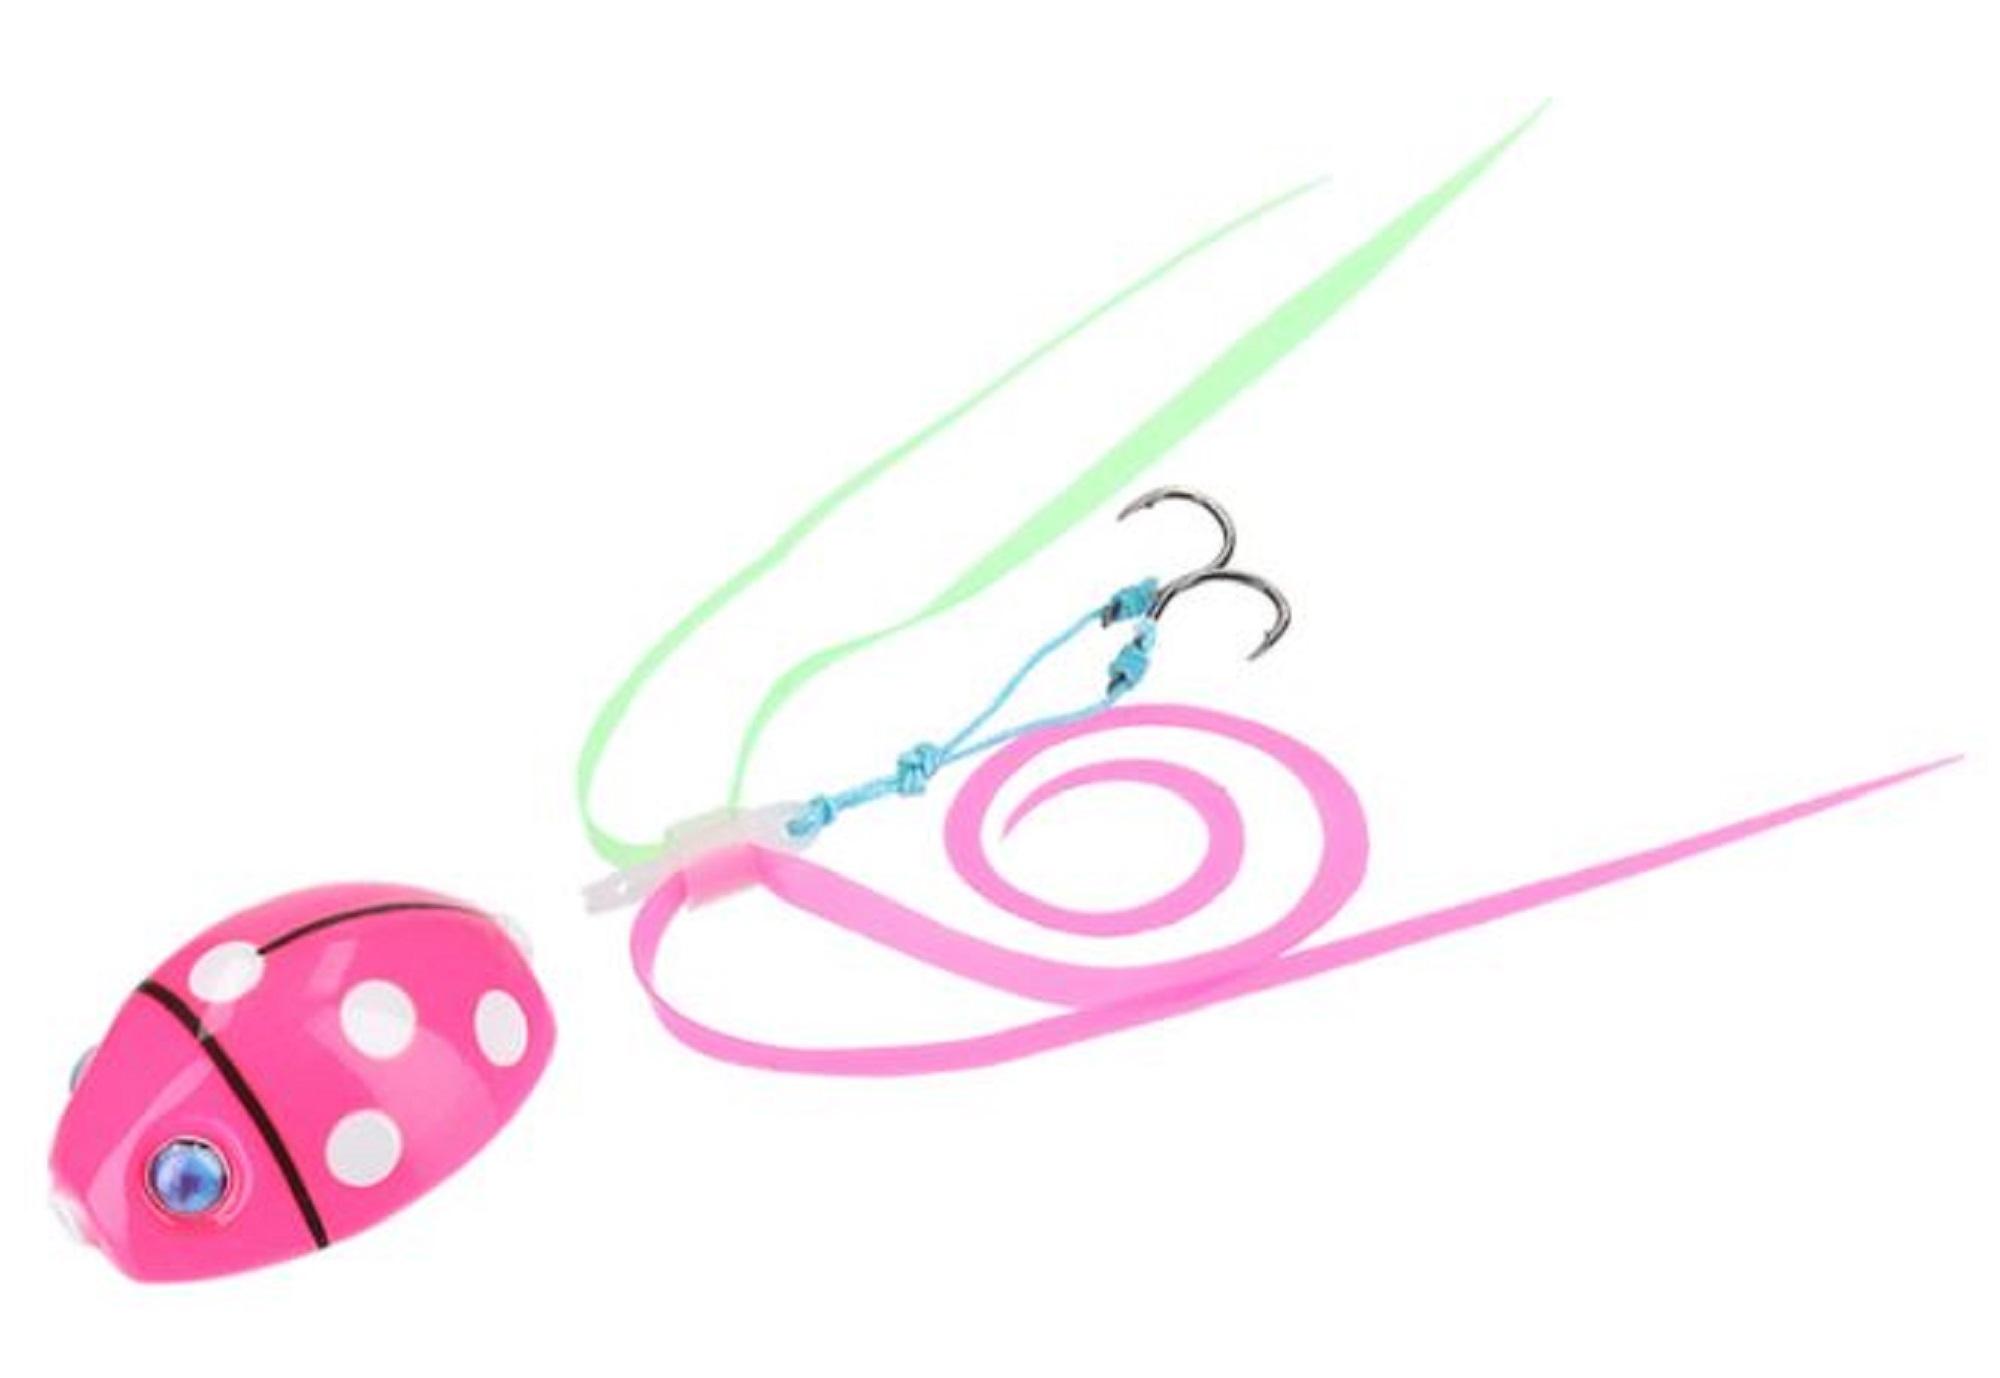 Daiwa Sliding Madai BRFA Nakai LB 100 grams Dot Pink (7825)